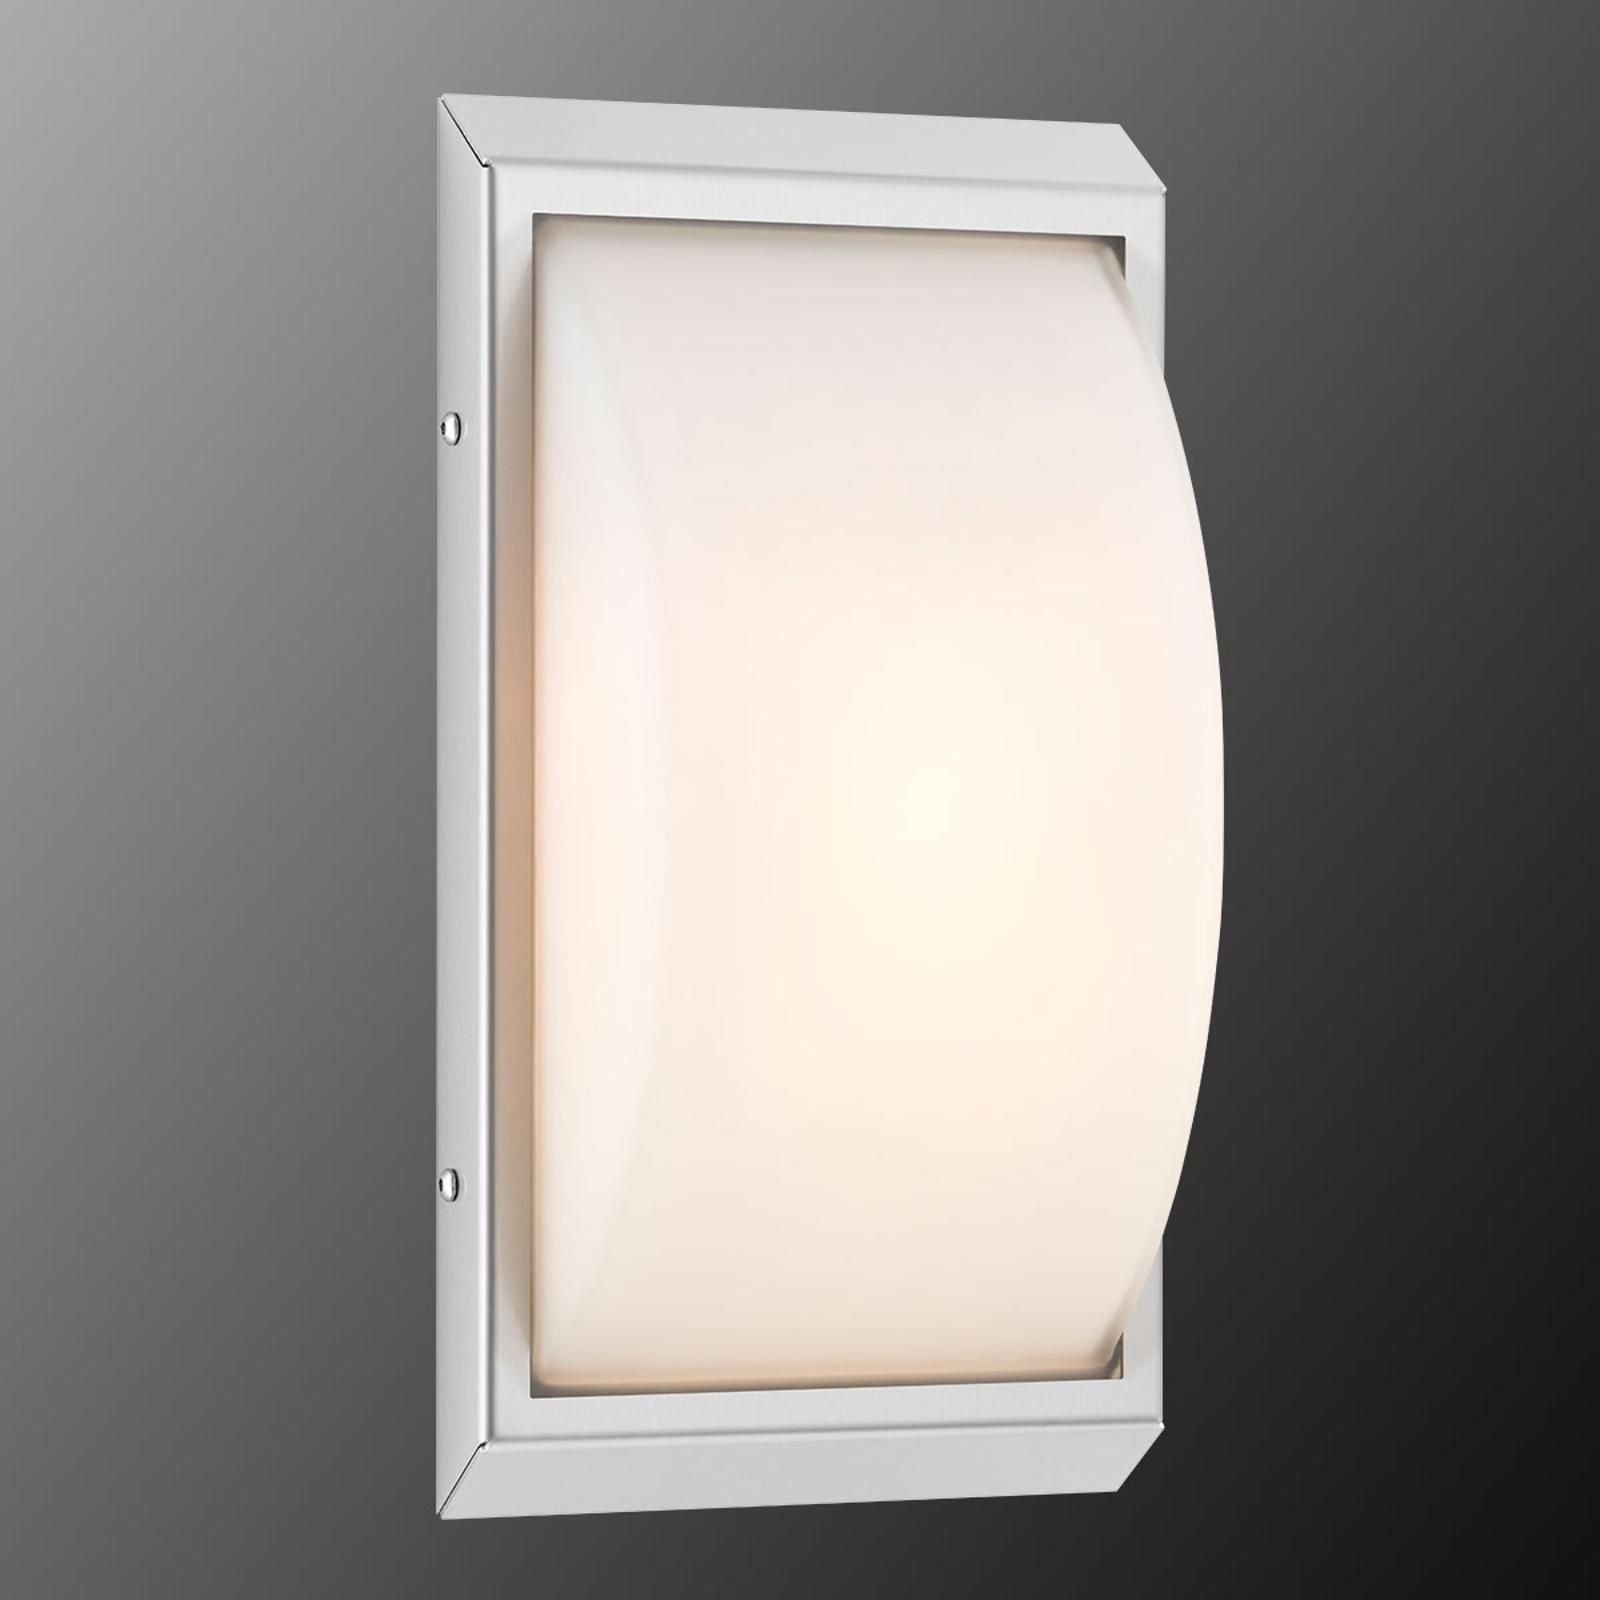 LED-Außenwandleuchte 052, weiß